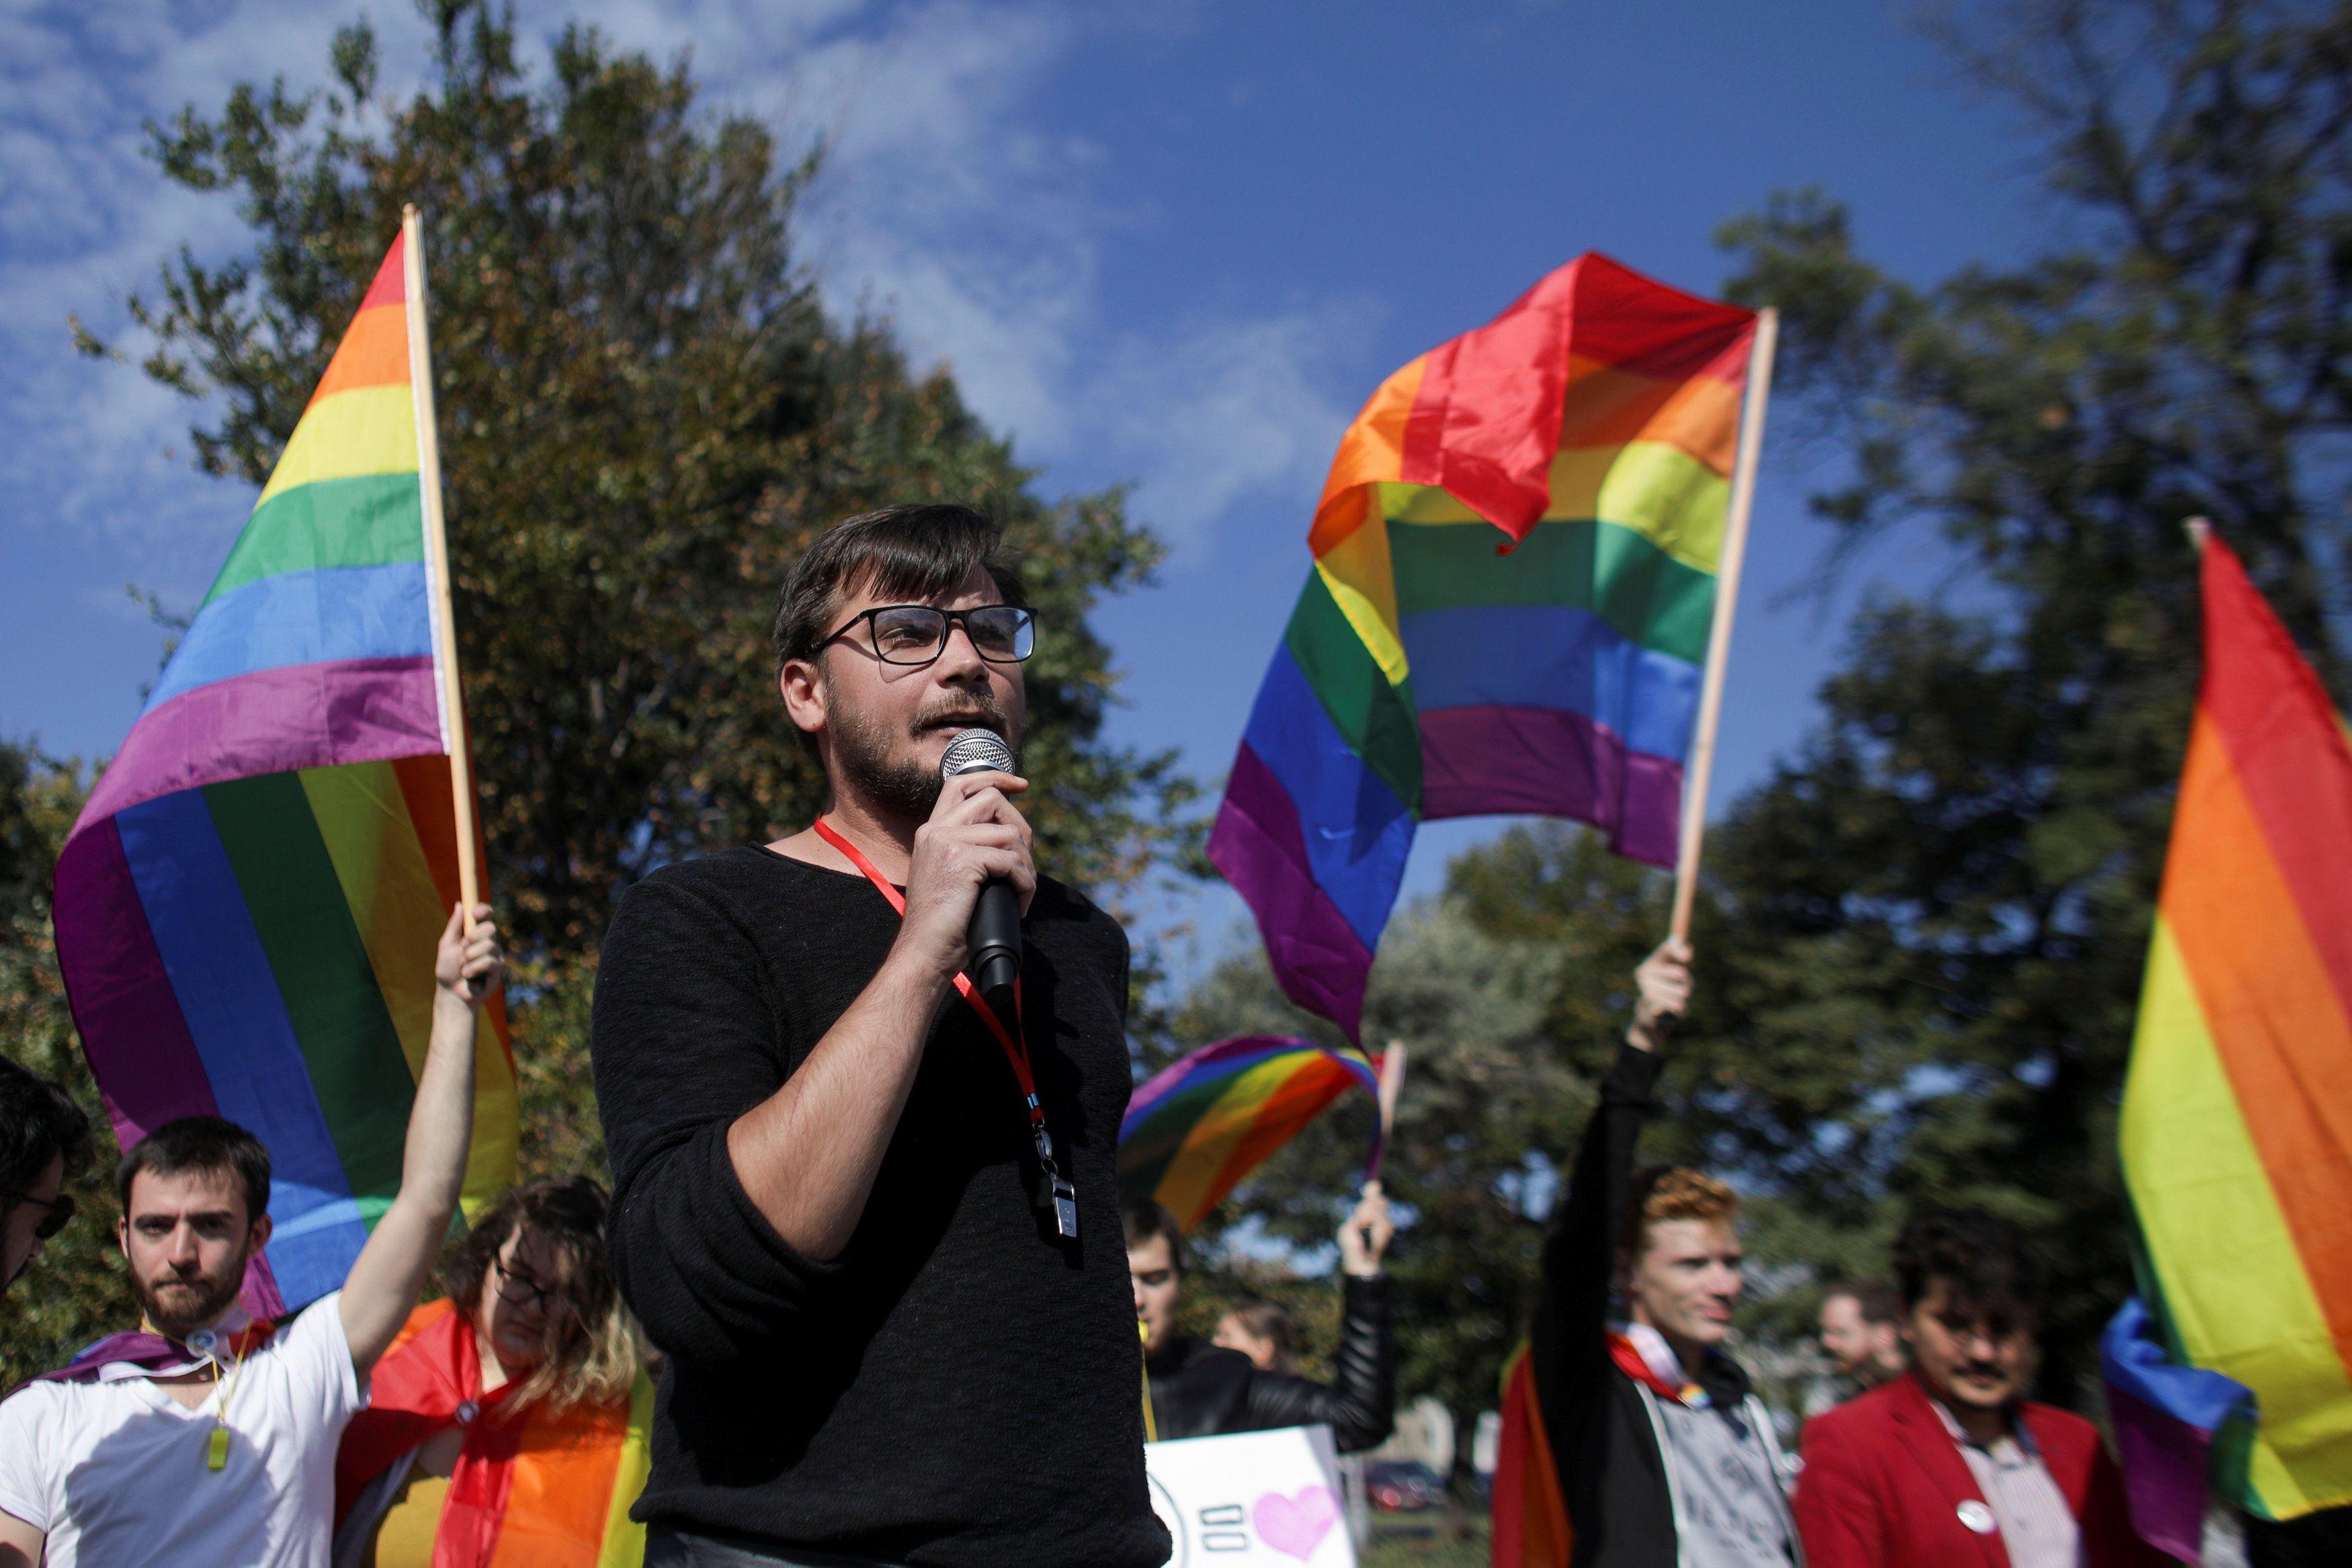 Румунія референдум за ЛГБТ